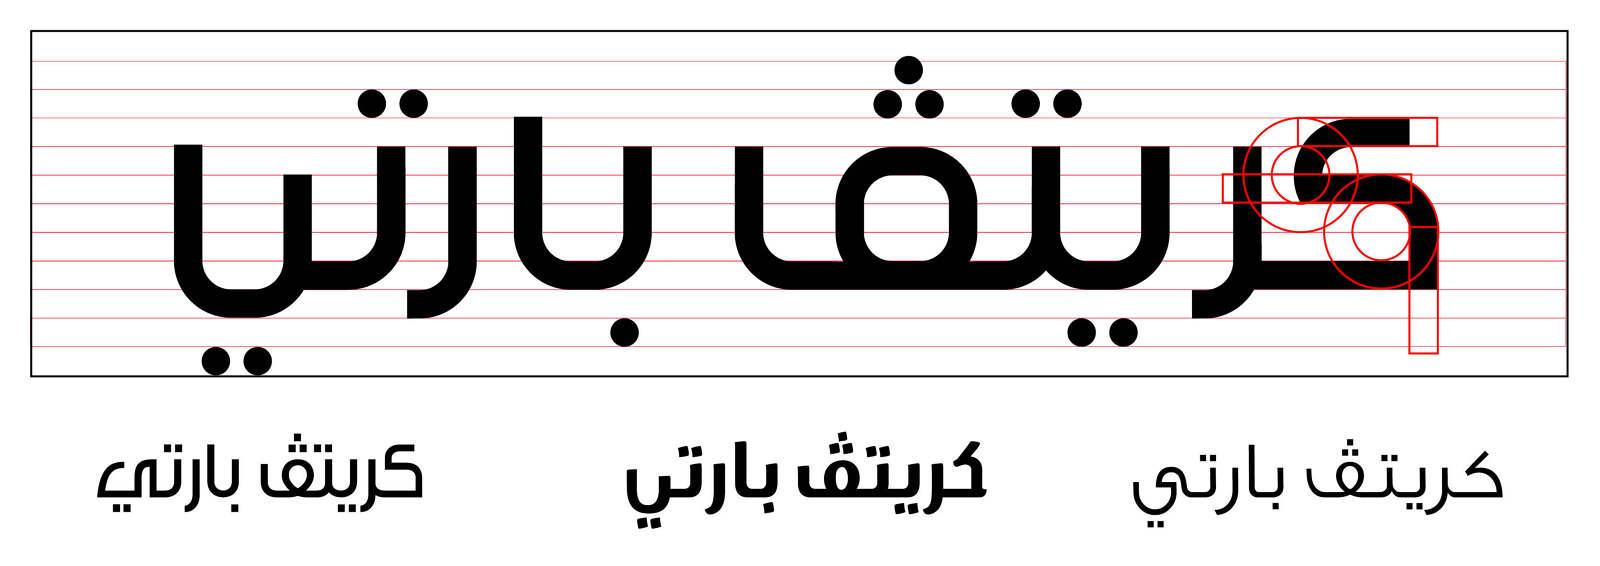 Henna typeface - blurr151